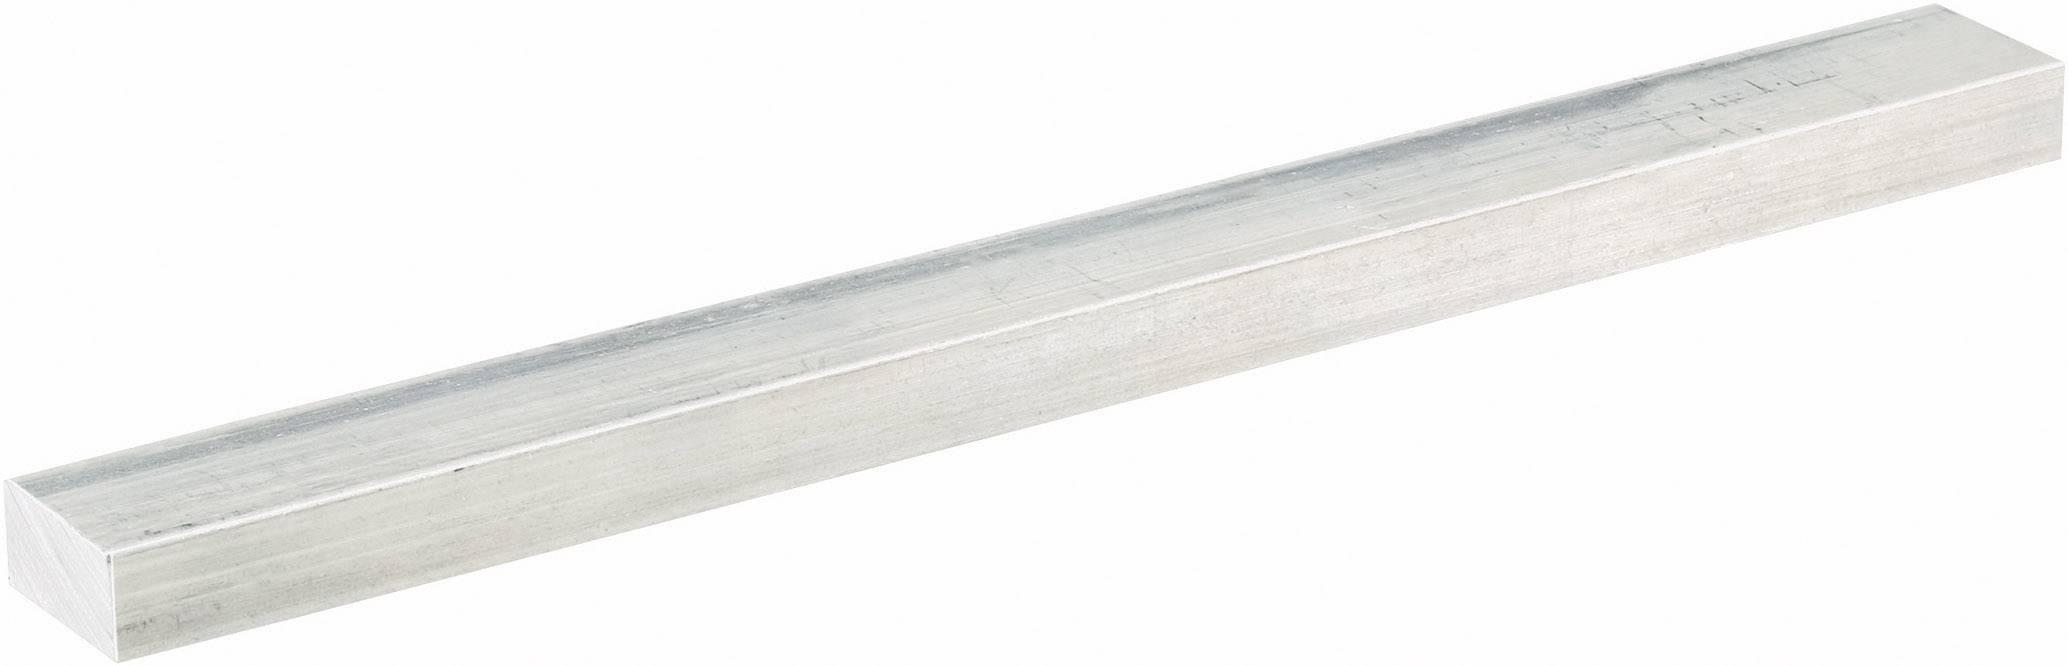 Profil Reely 229812, (d x š x v) 200 x 20 x 10 mm, hliník